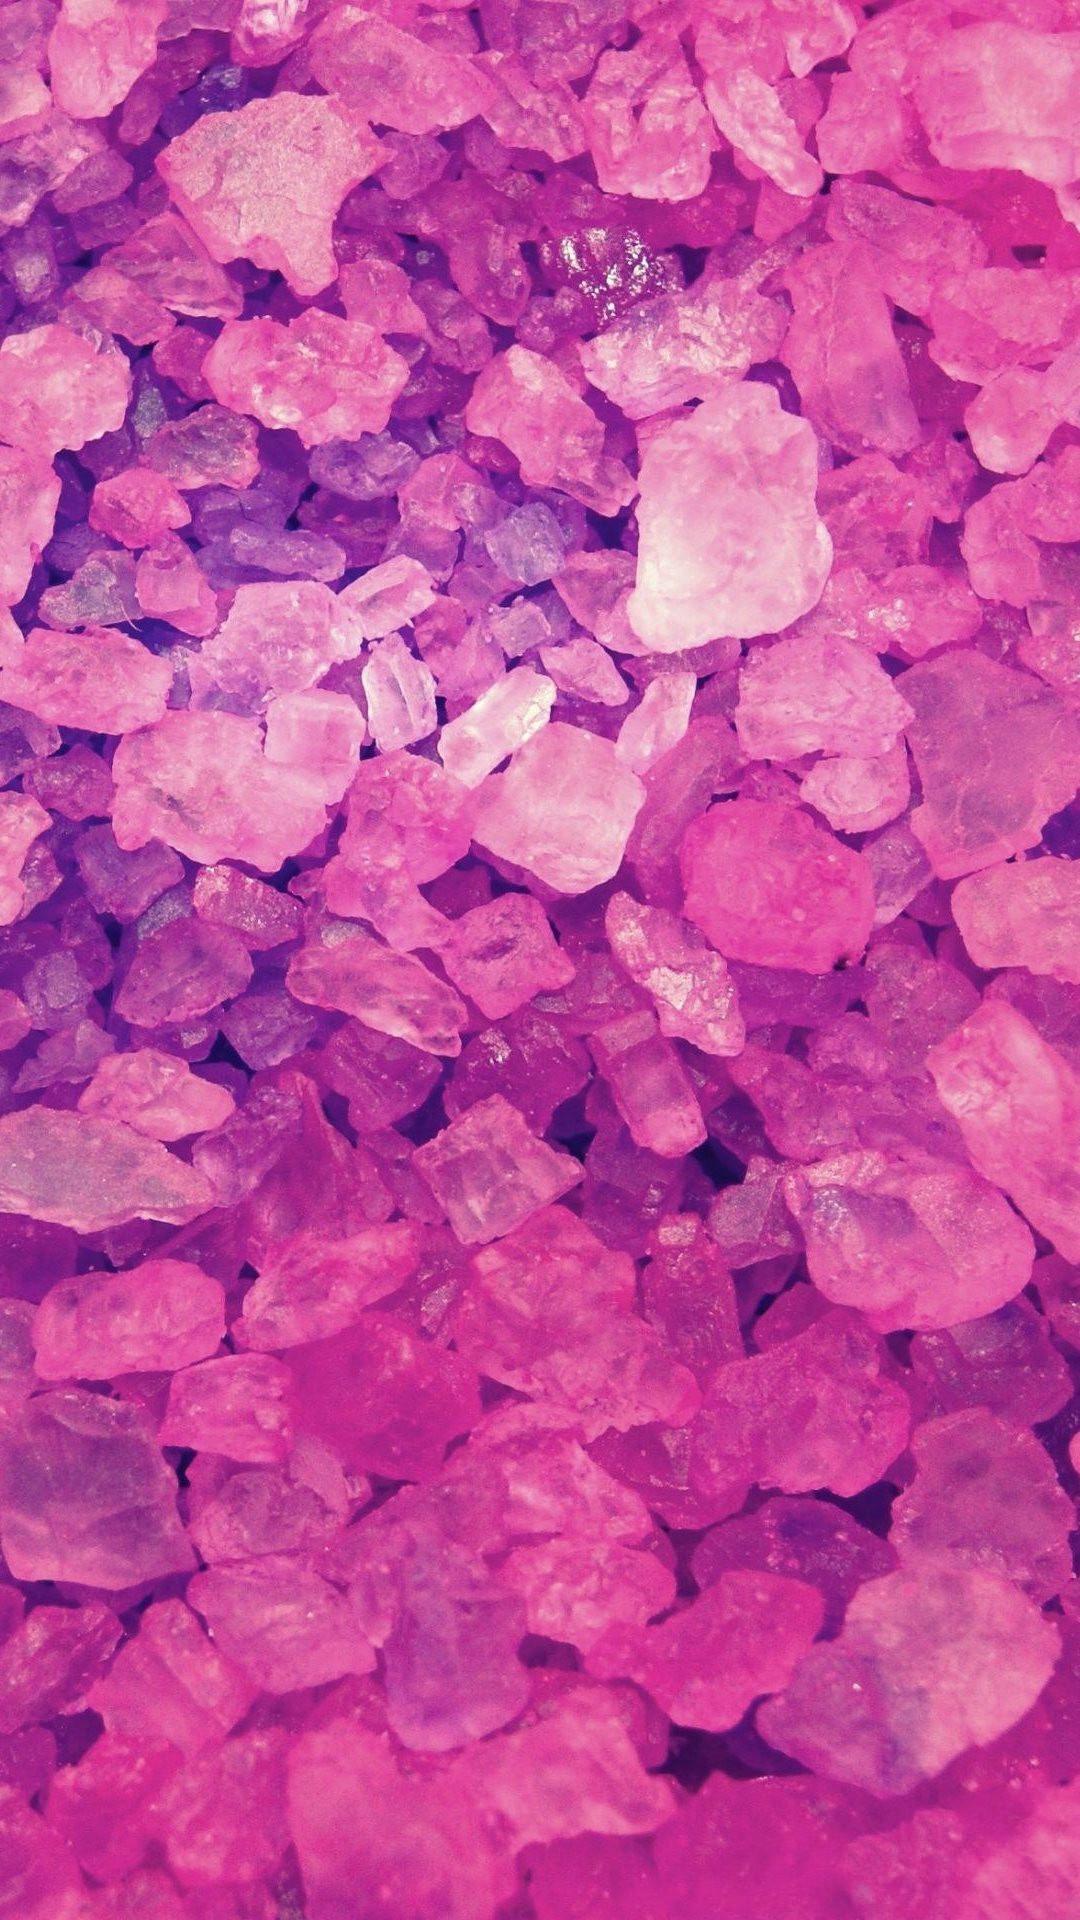 Pink Crystals Wallpaper. / Girly